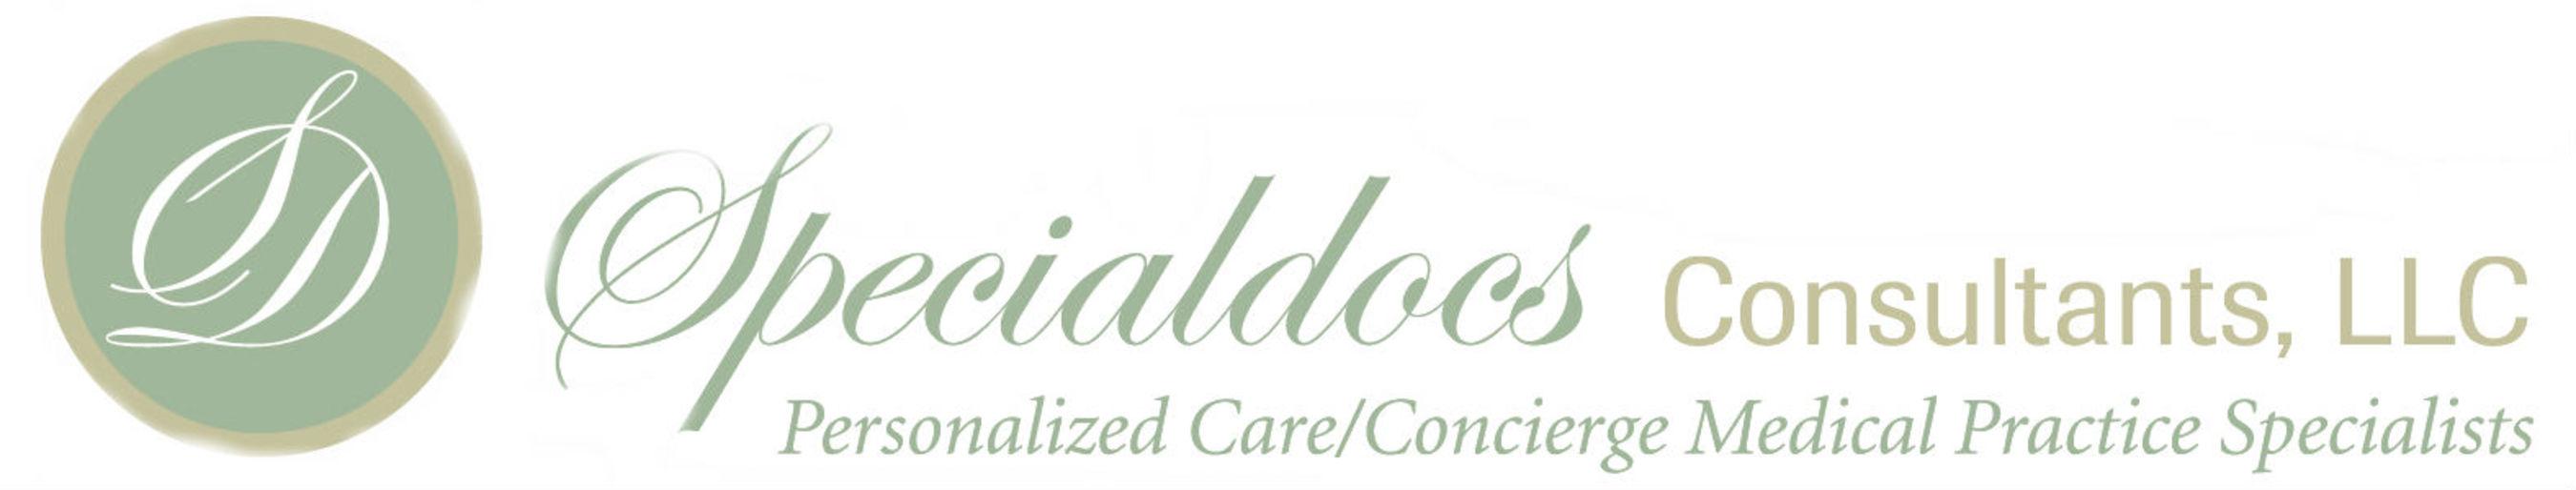 Specialdocs Logo.